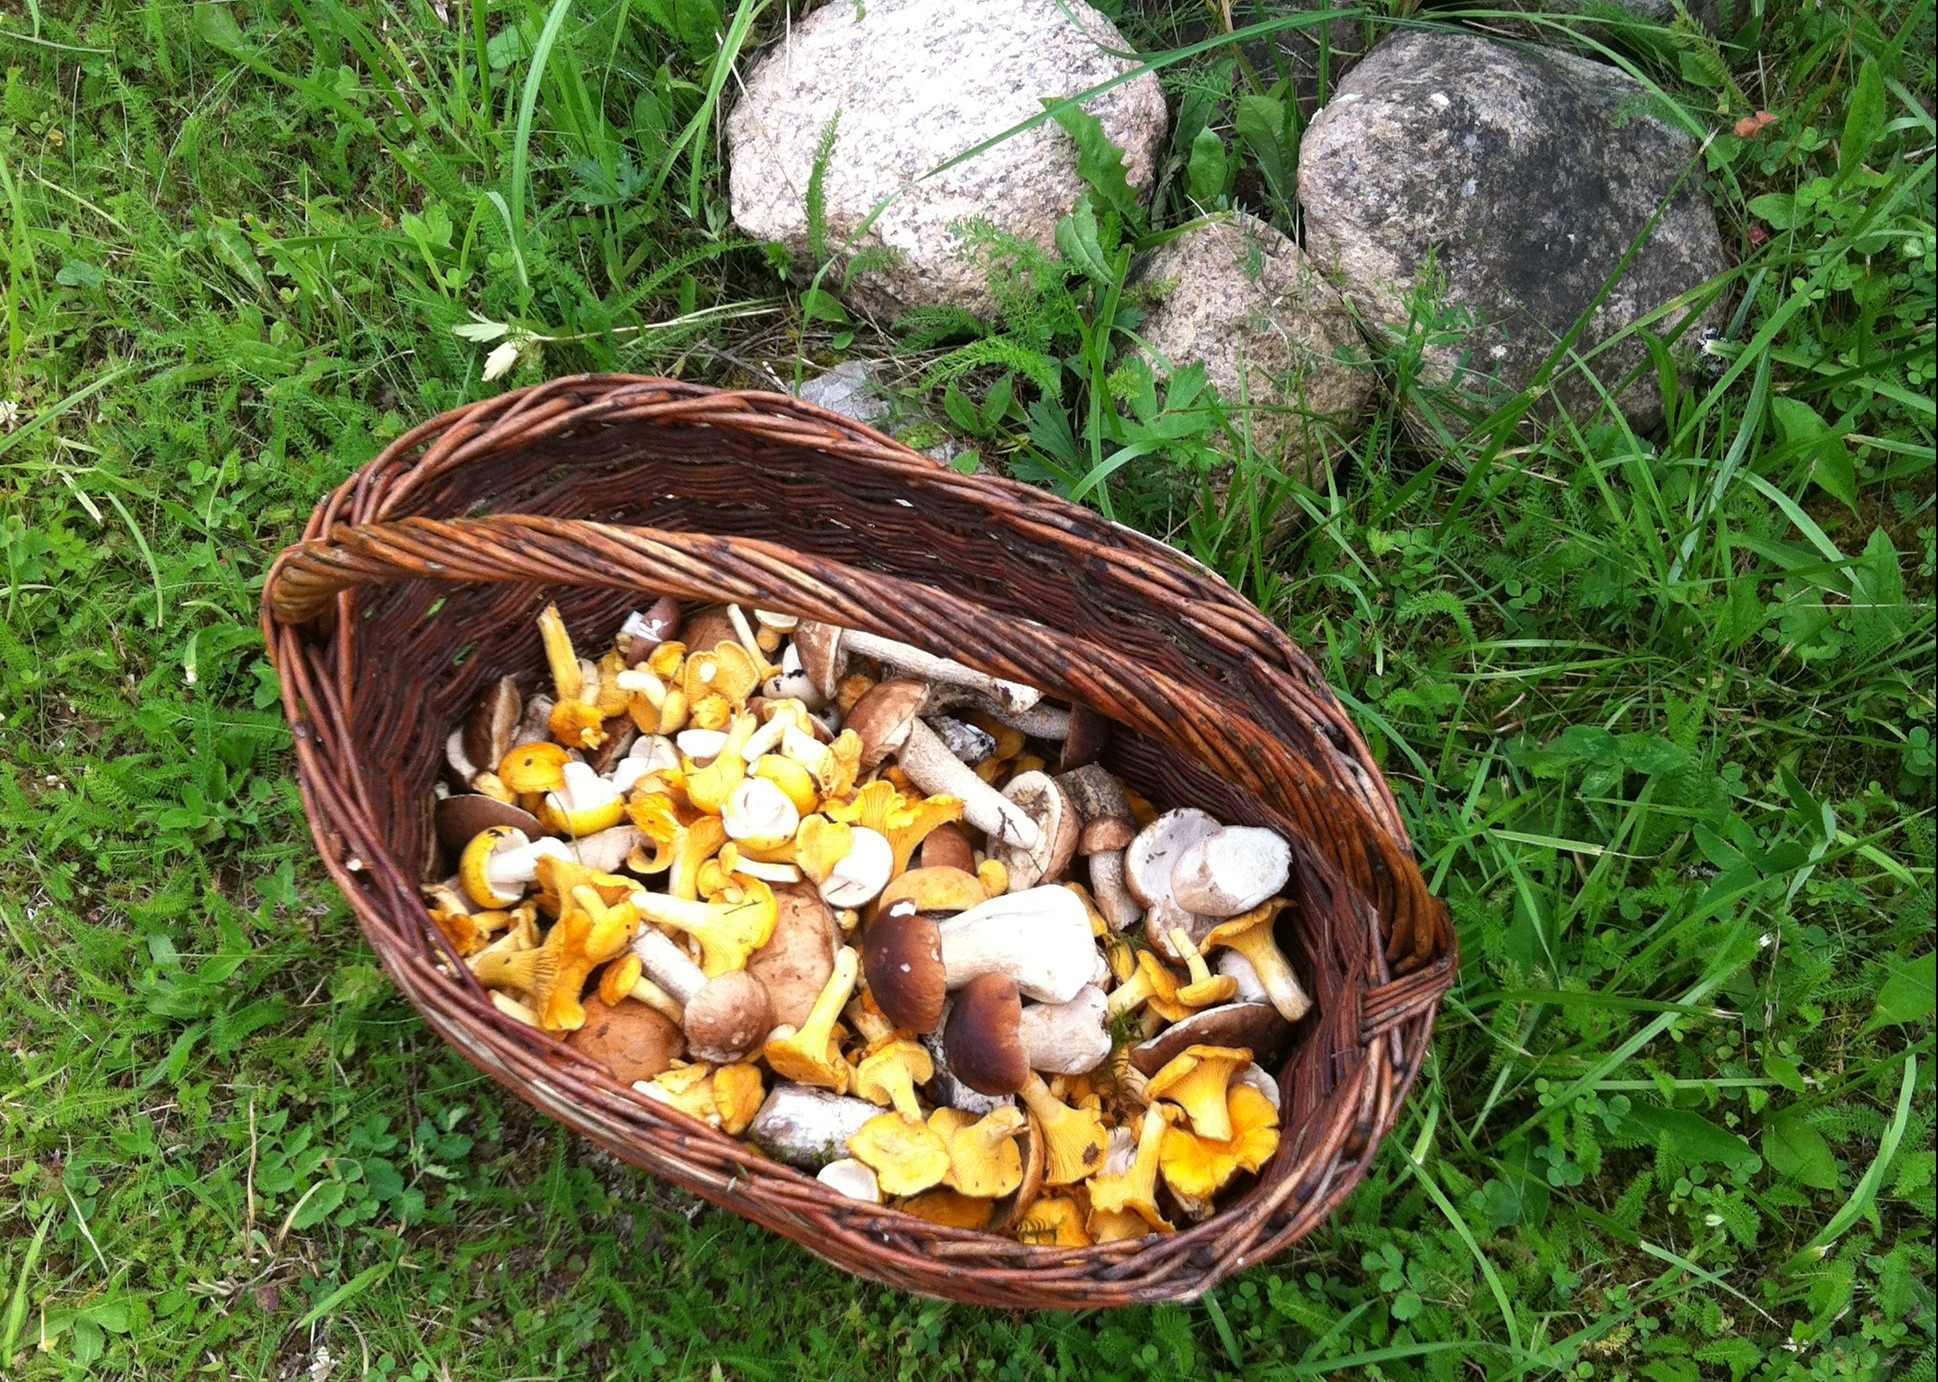 лисички-и-белые-грибы-в-корзинке-собранные-гостями-загородного-отеля-на-озере.jpg